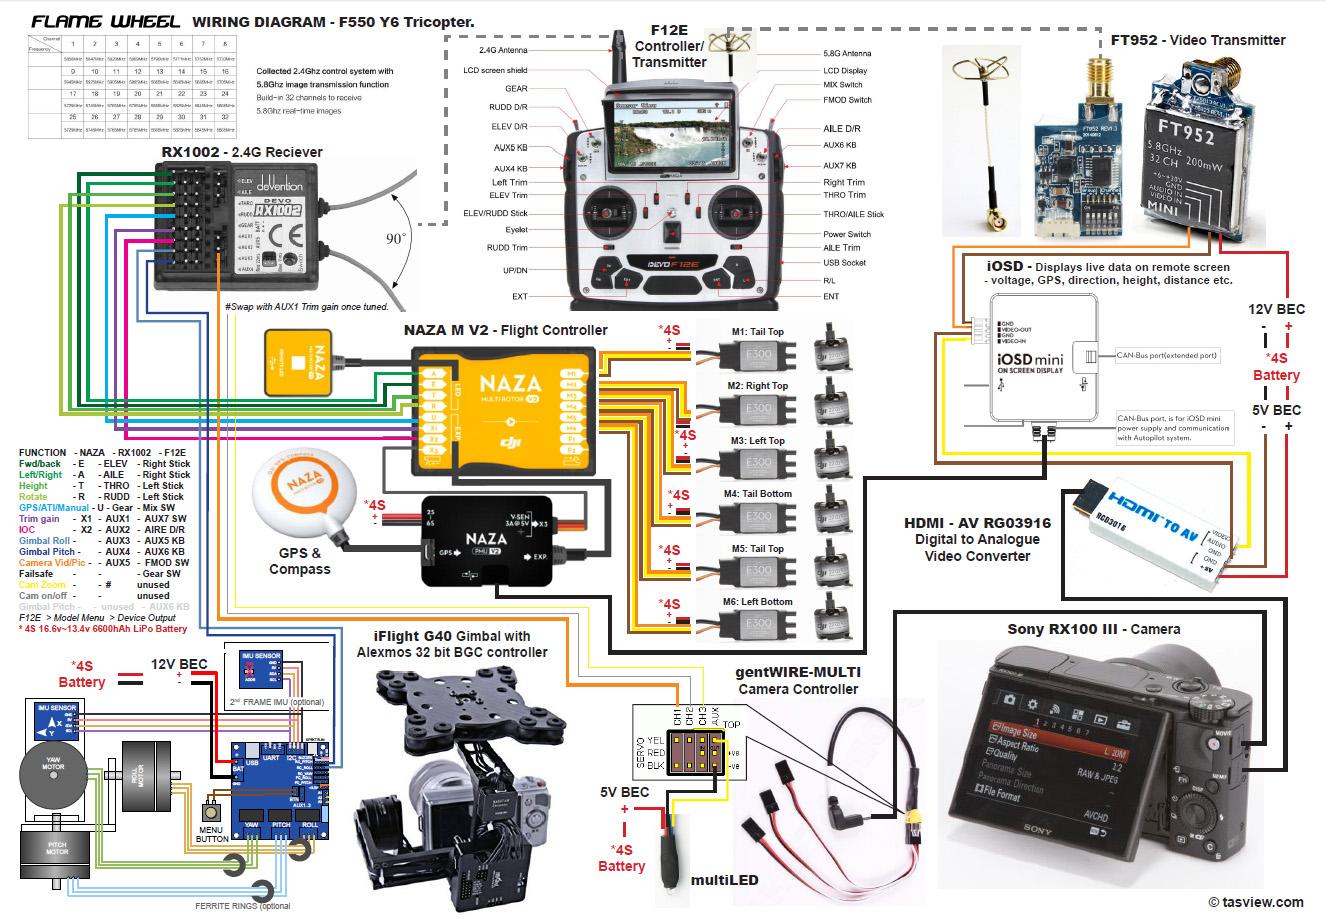 quadcopter flight control wiring diagram wiring diagram ArduCopter Wiring quadcopter flight control wiring diagram